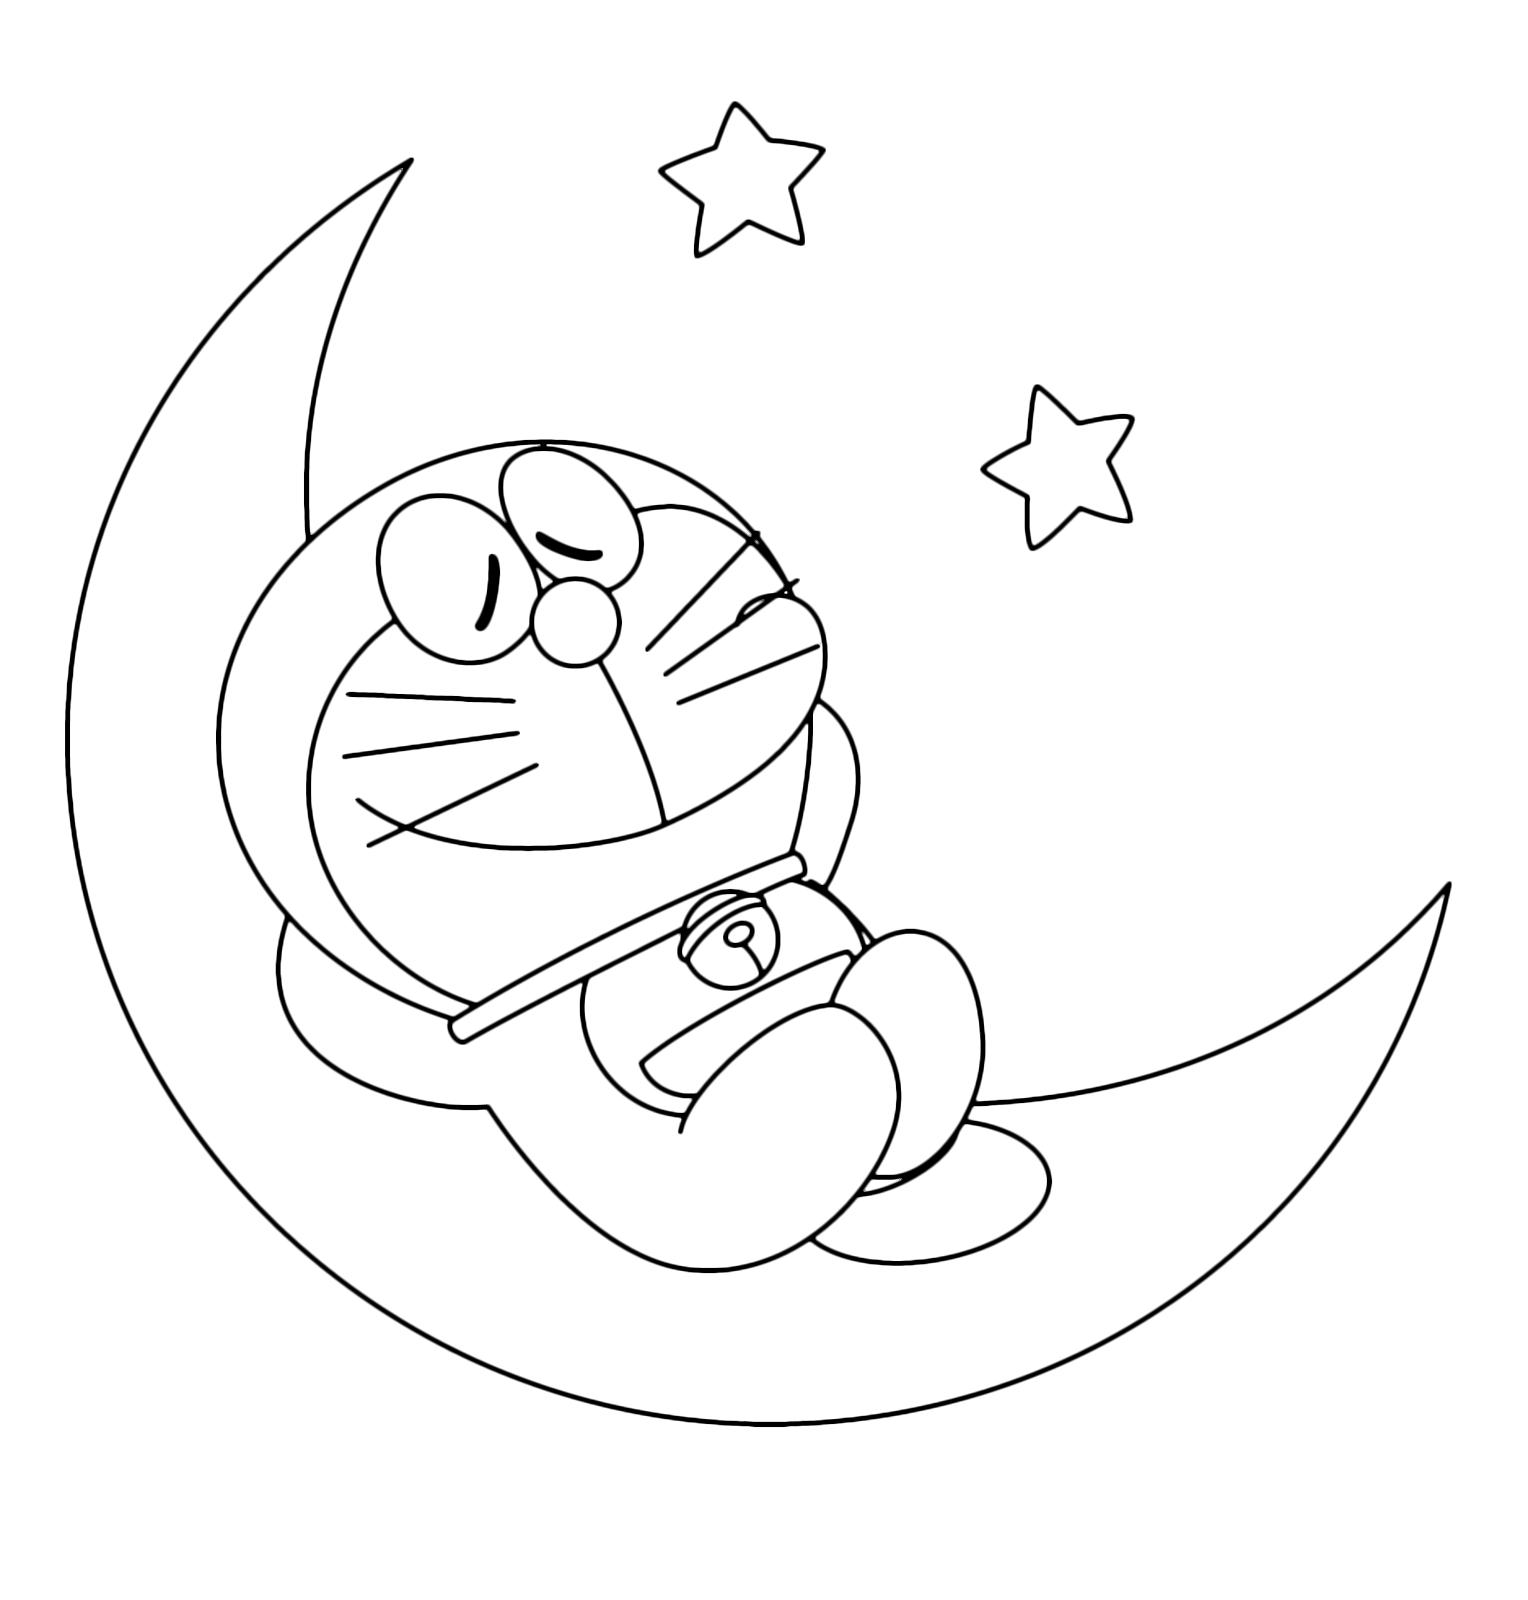 Doraemon Sleeping On The Moon